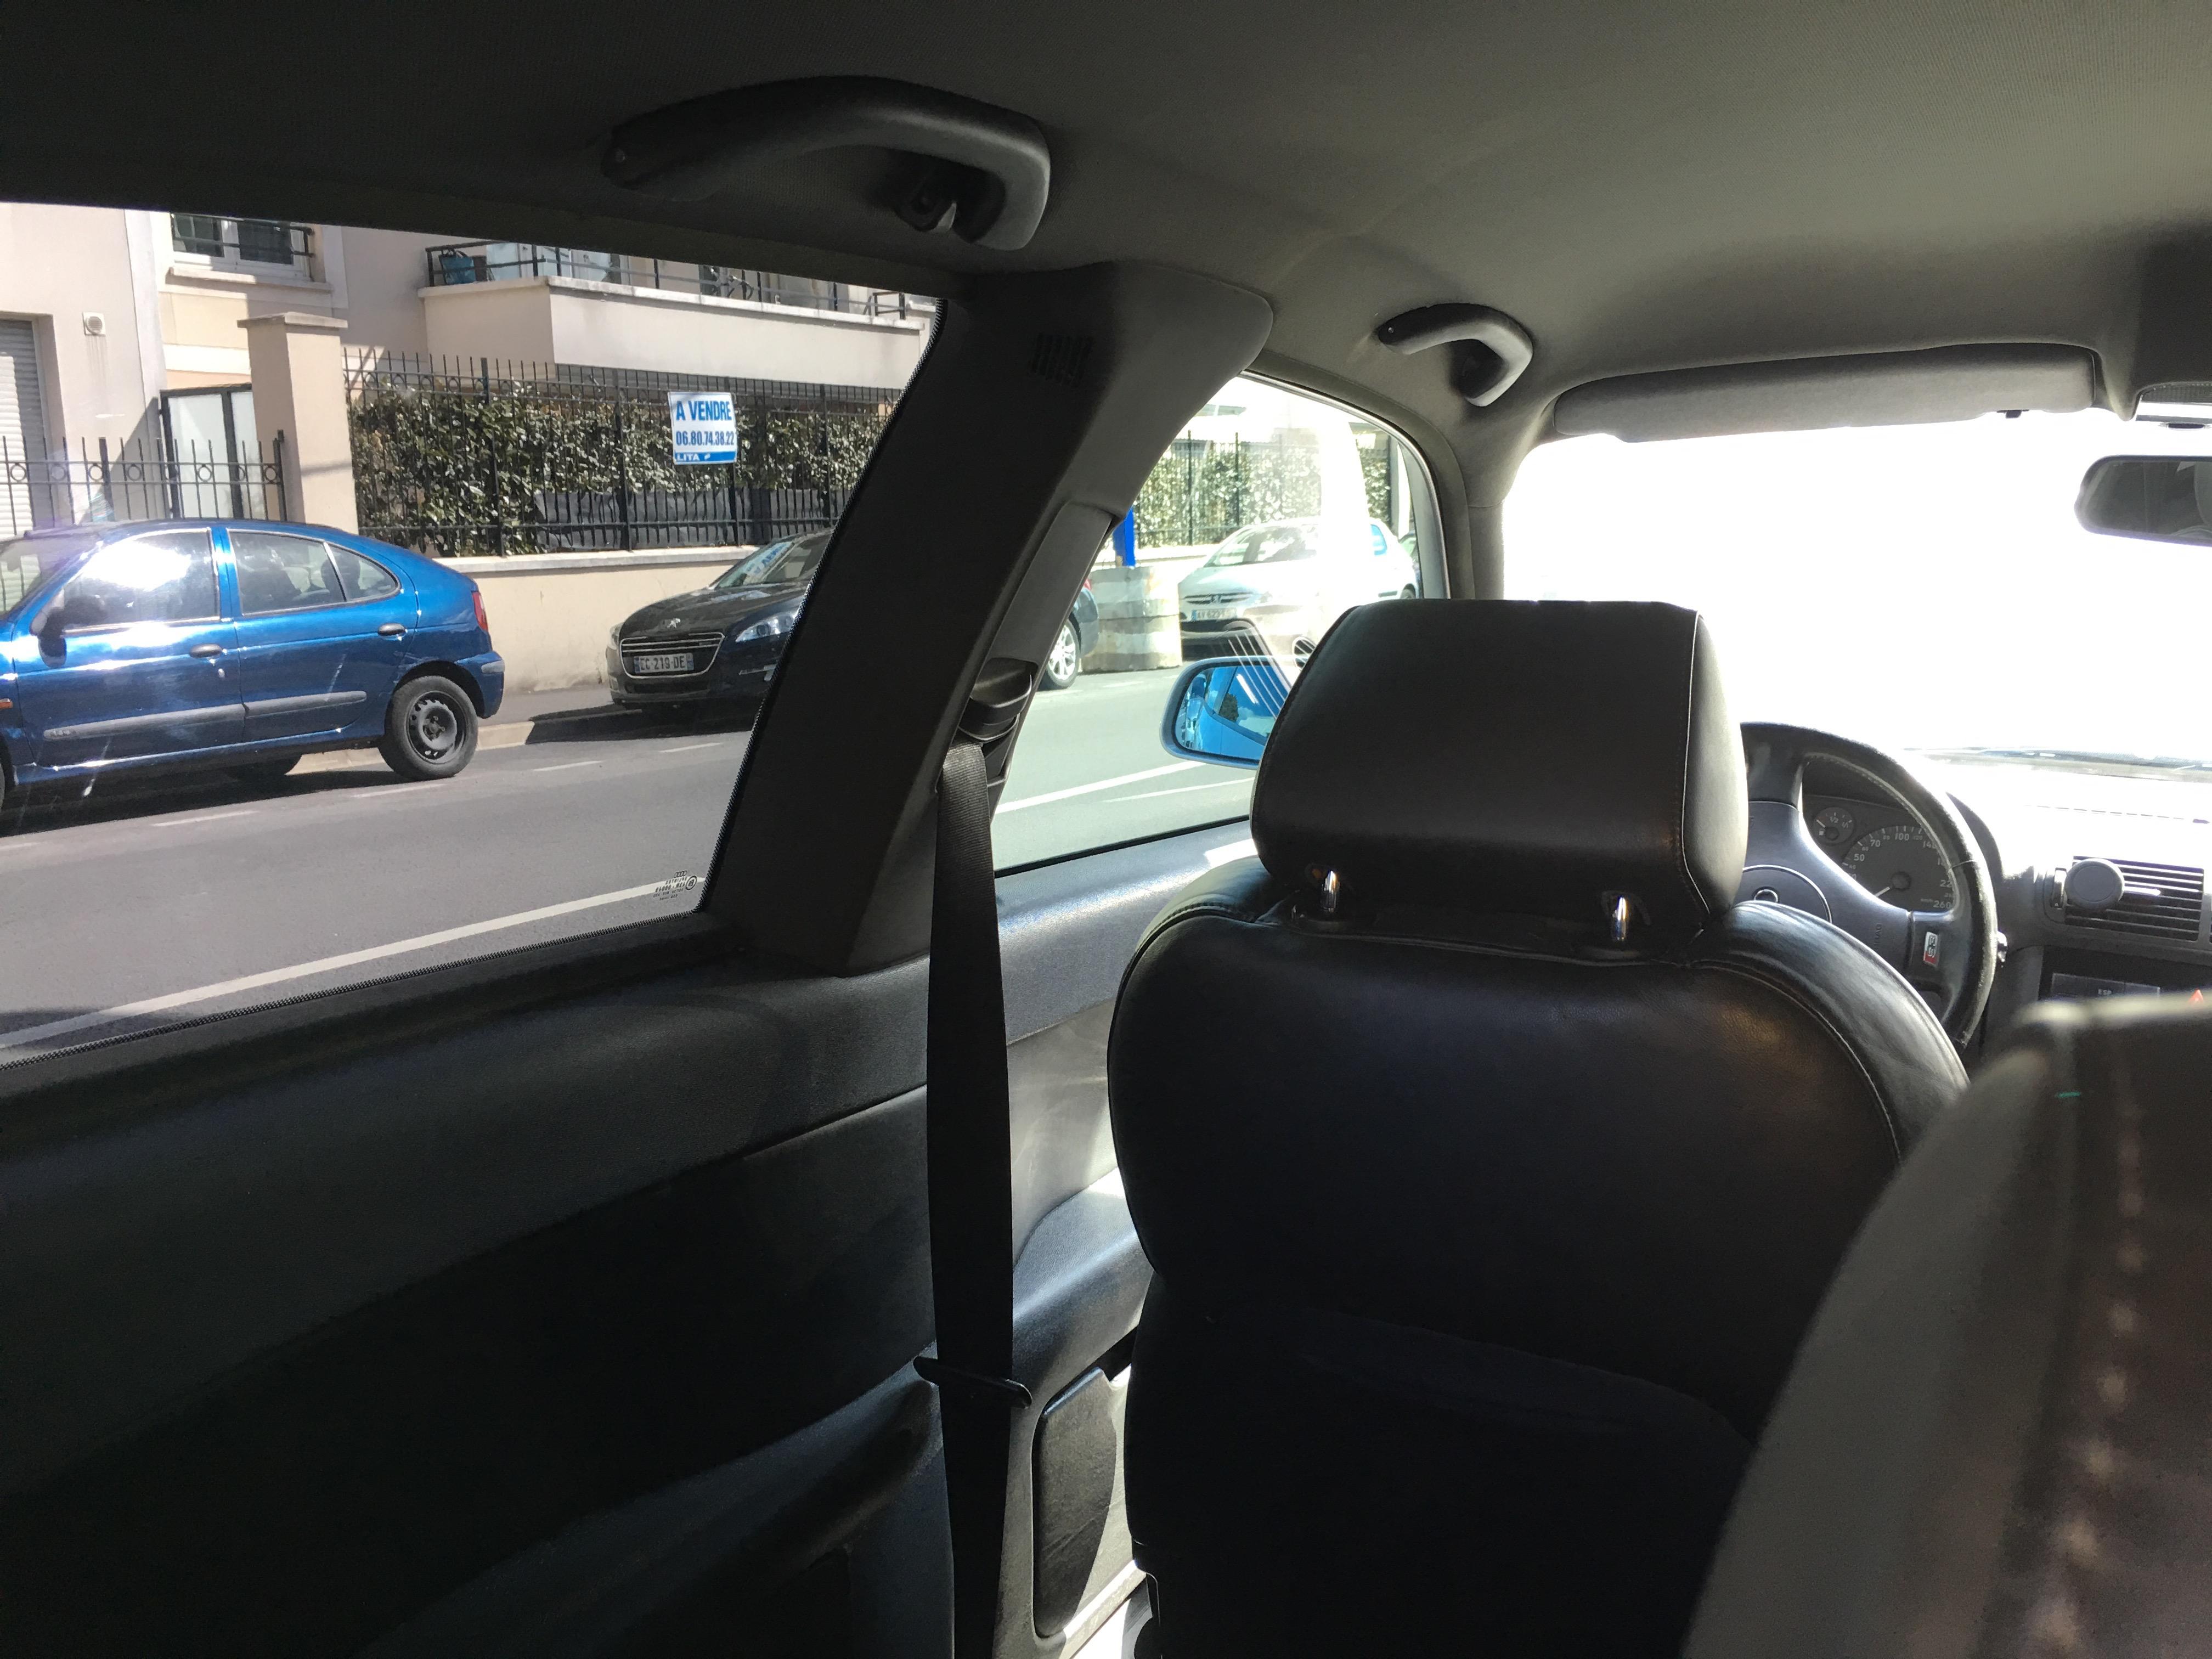 img 0614 vitre teint e automobile pose vitres teint es pour voiture autofilms sp cialise. Black Bedroom Furniture Sets. Home Design Ideas